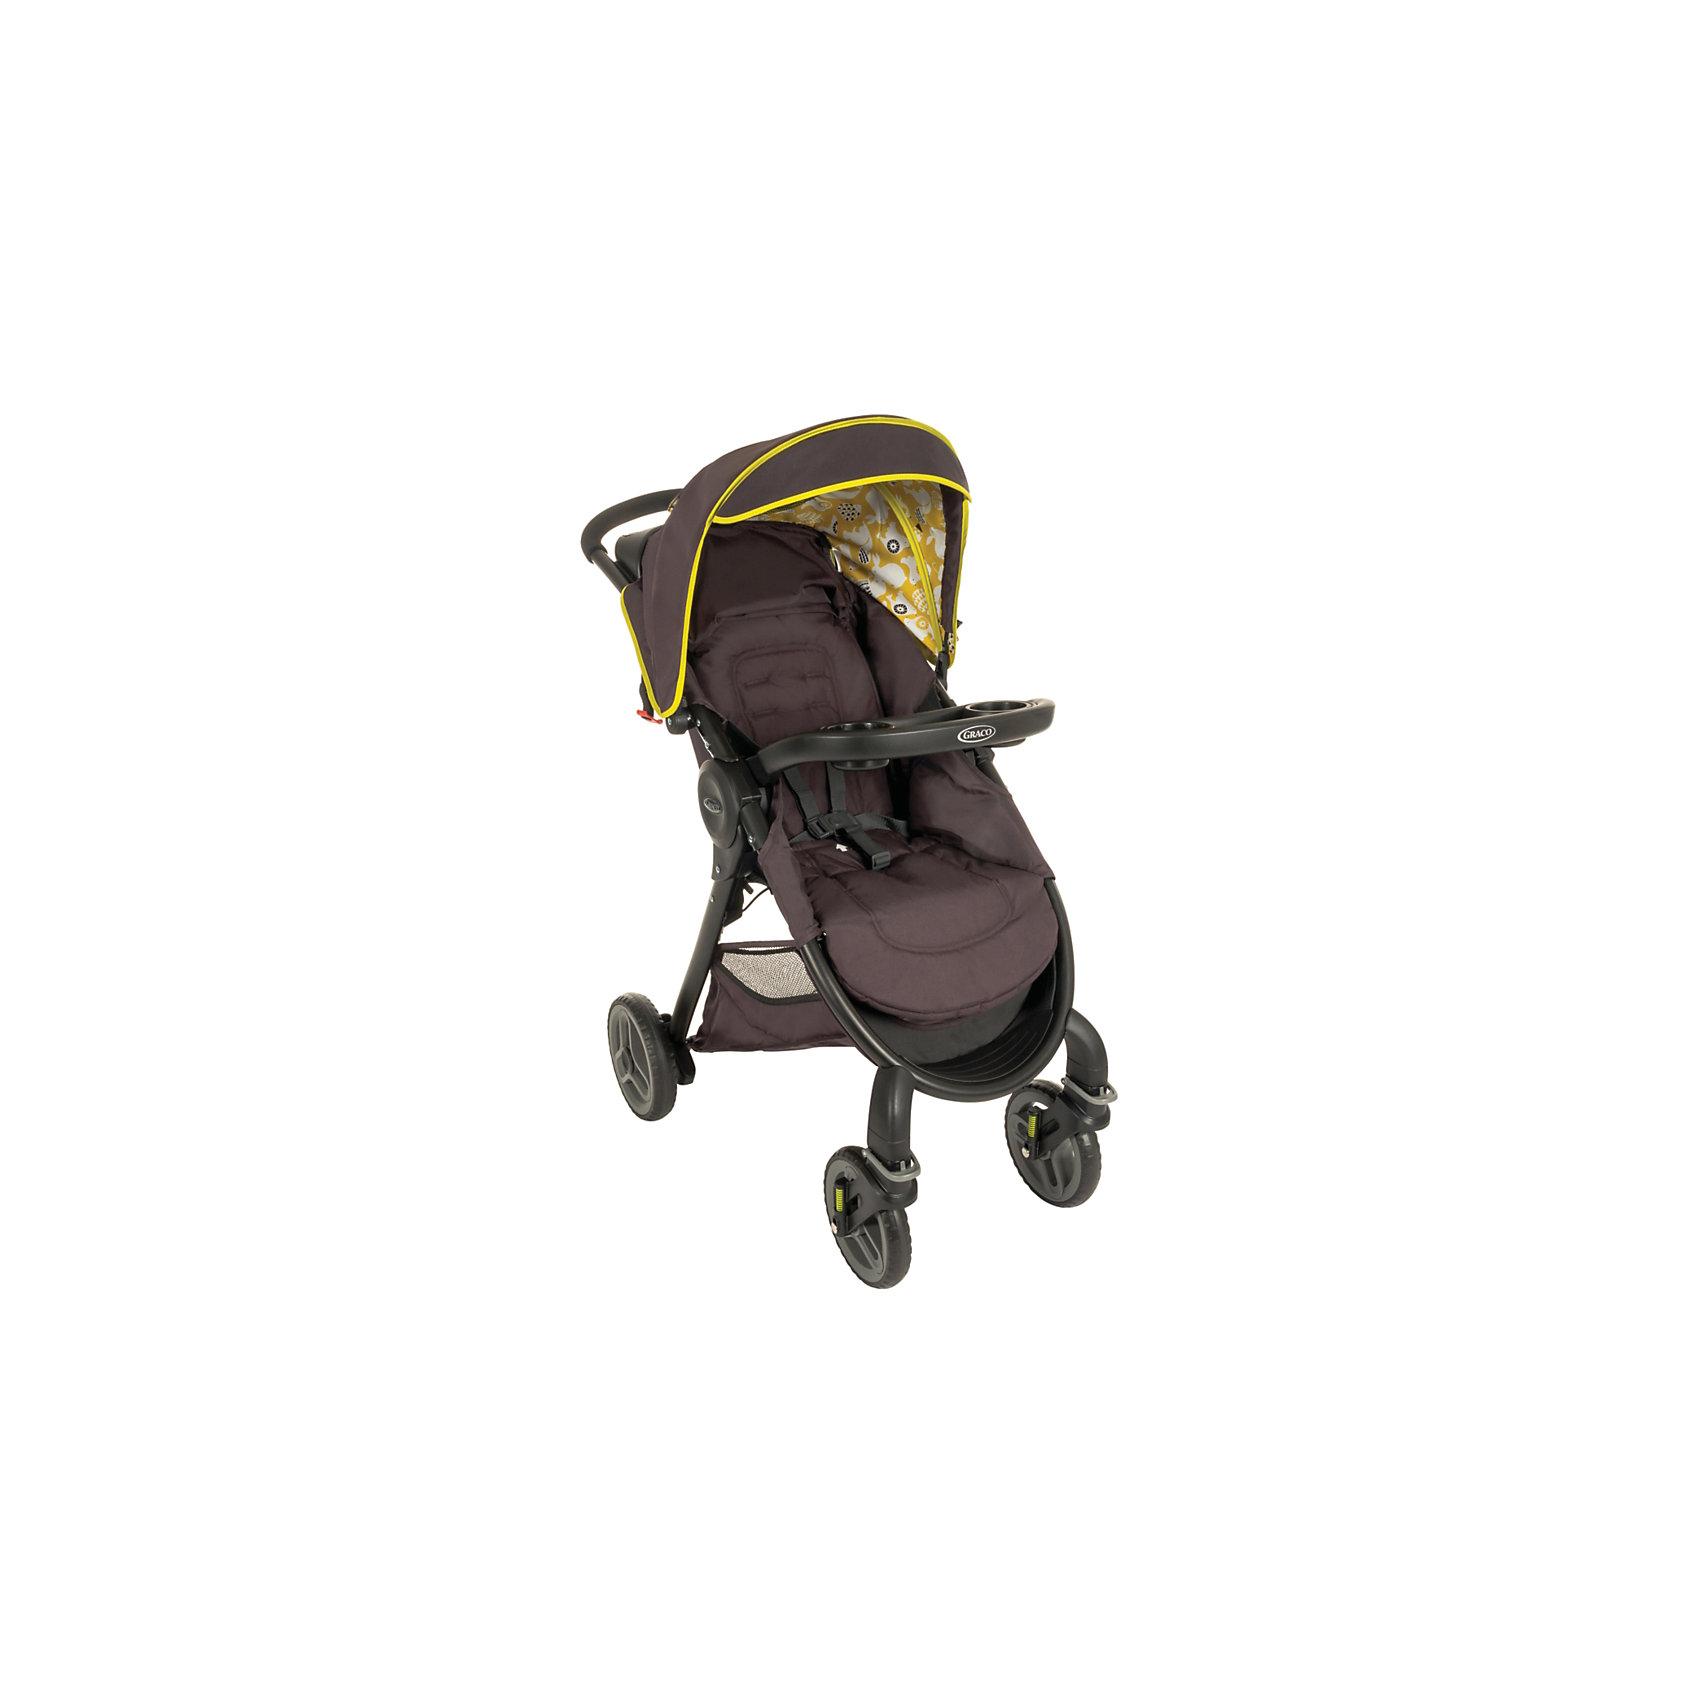 Прогулочная коляска Fastaction Fold, Graco, коричневый